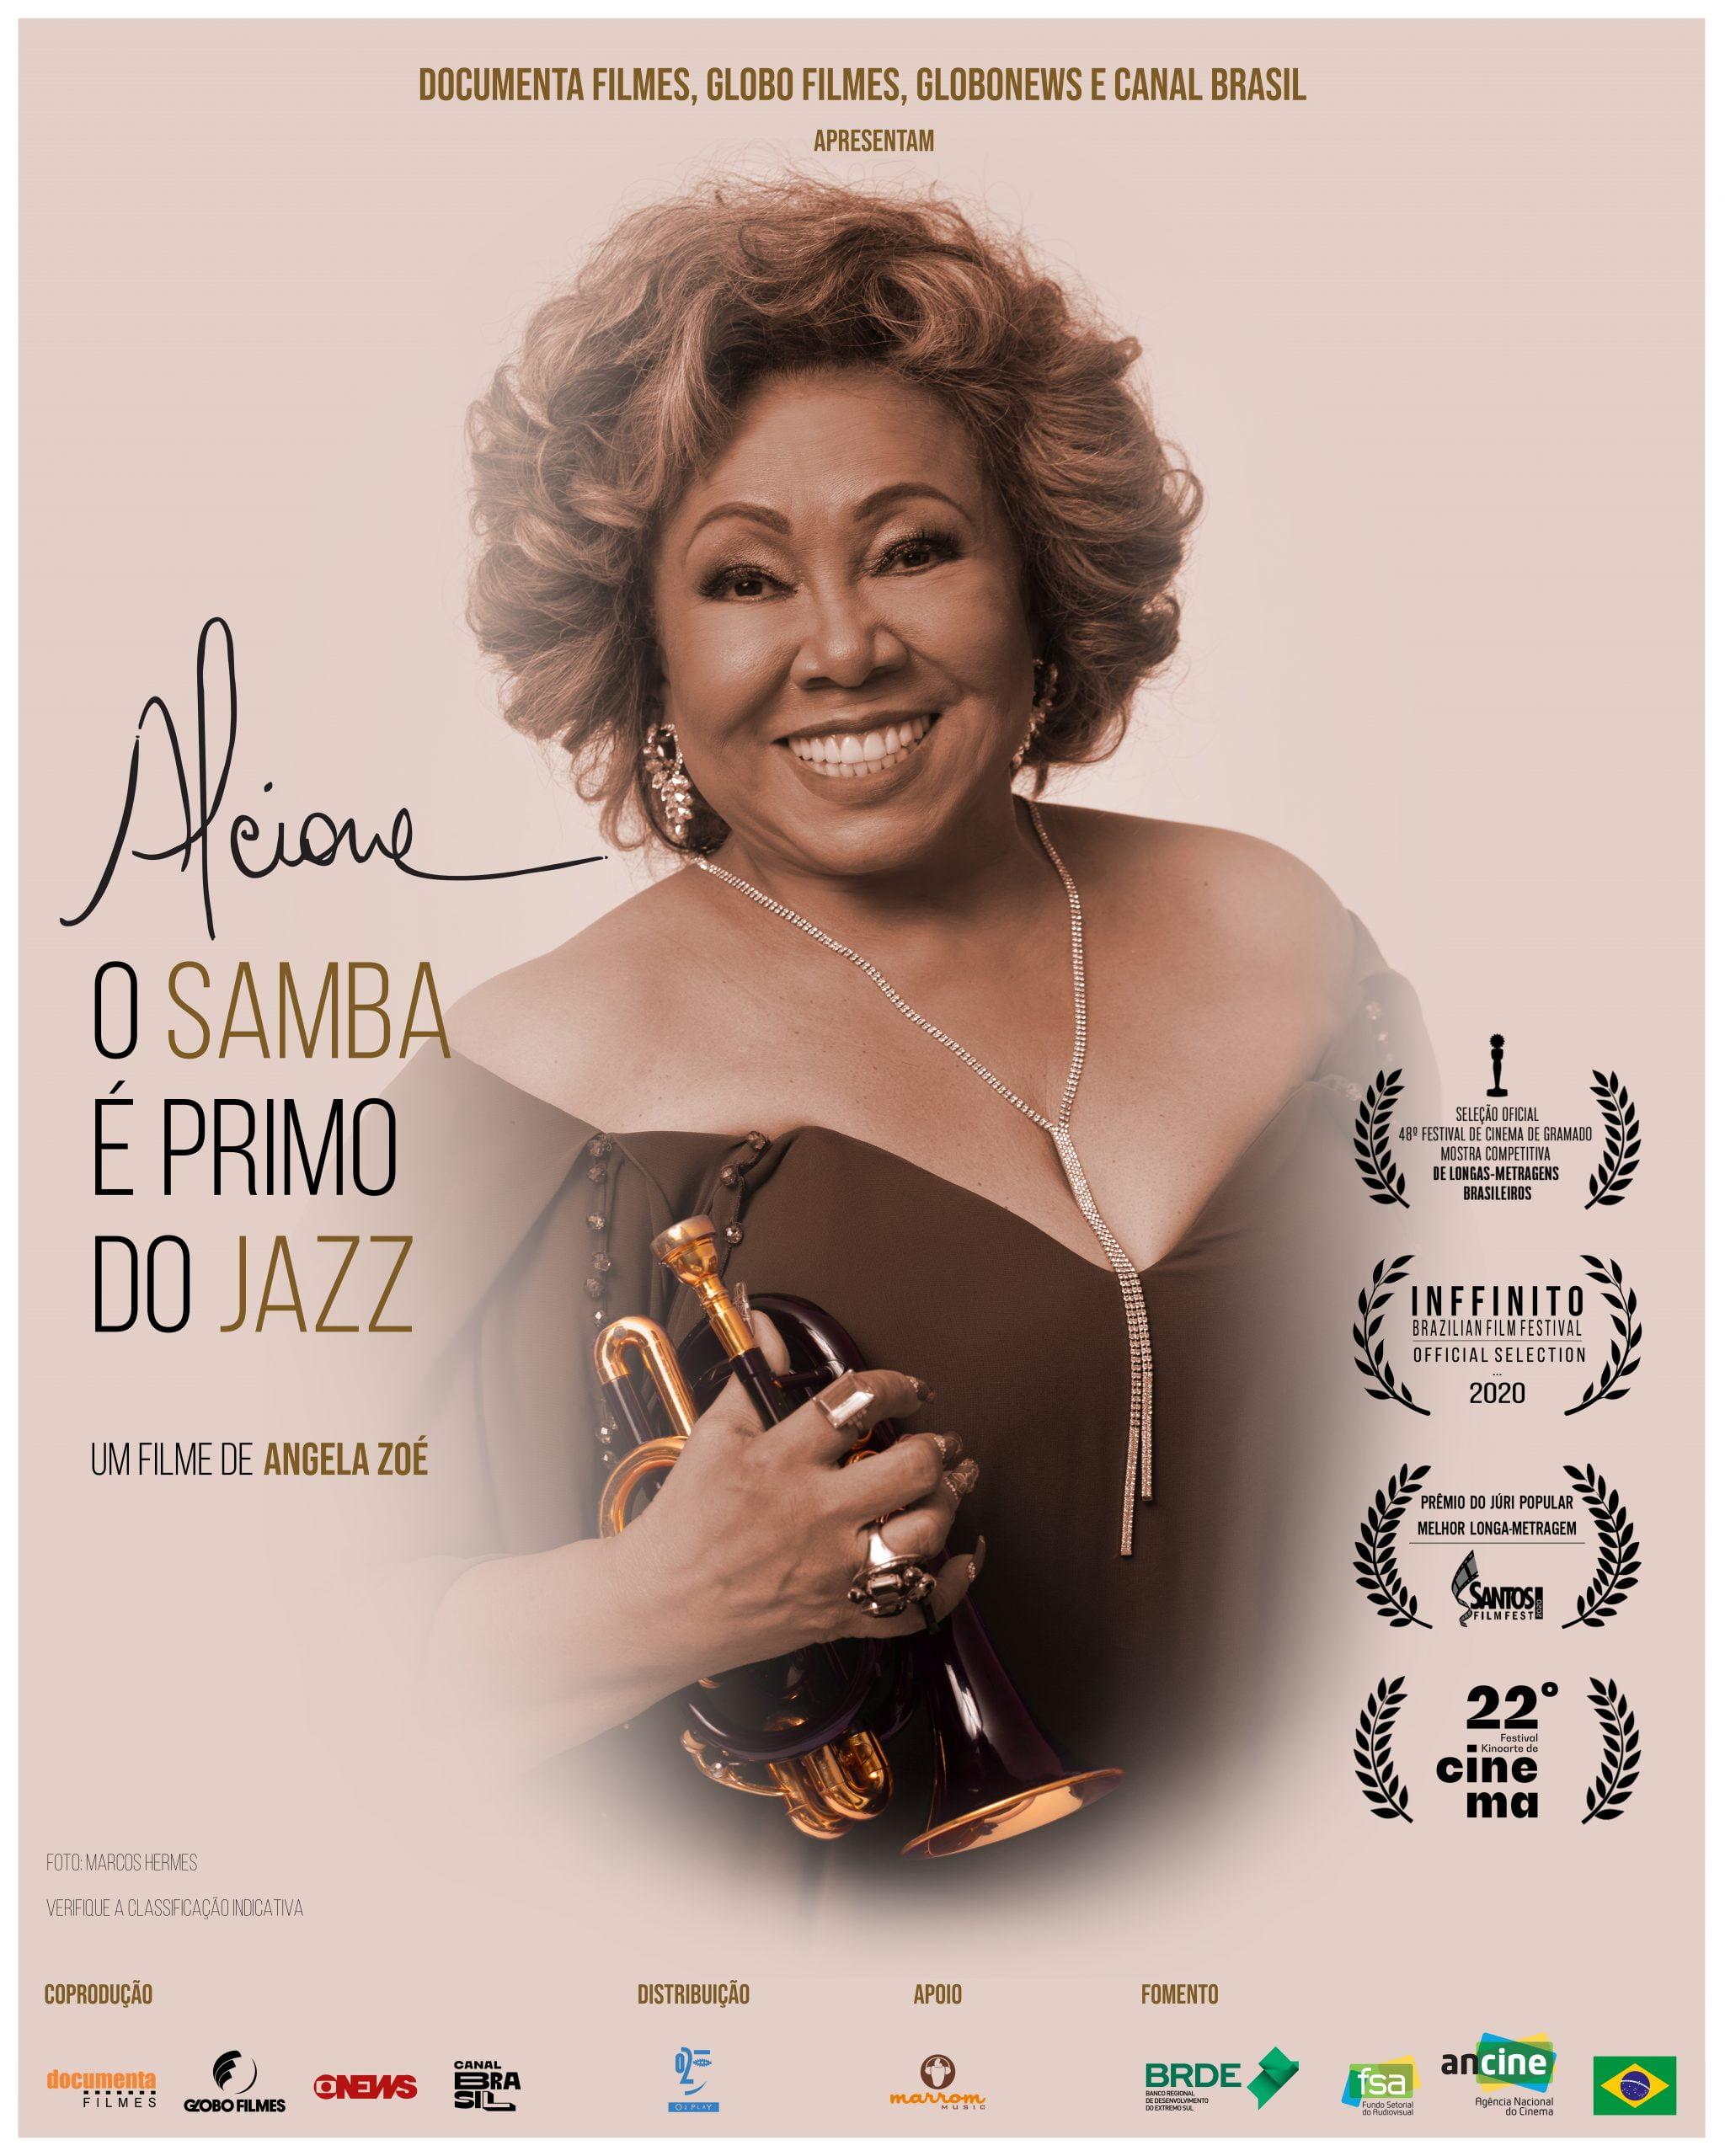 Alcione - O Samba e primo do jazz